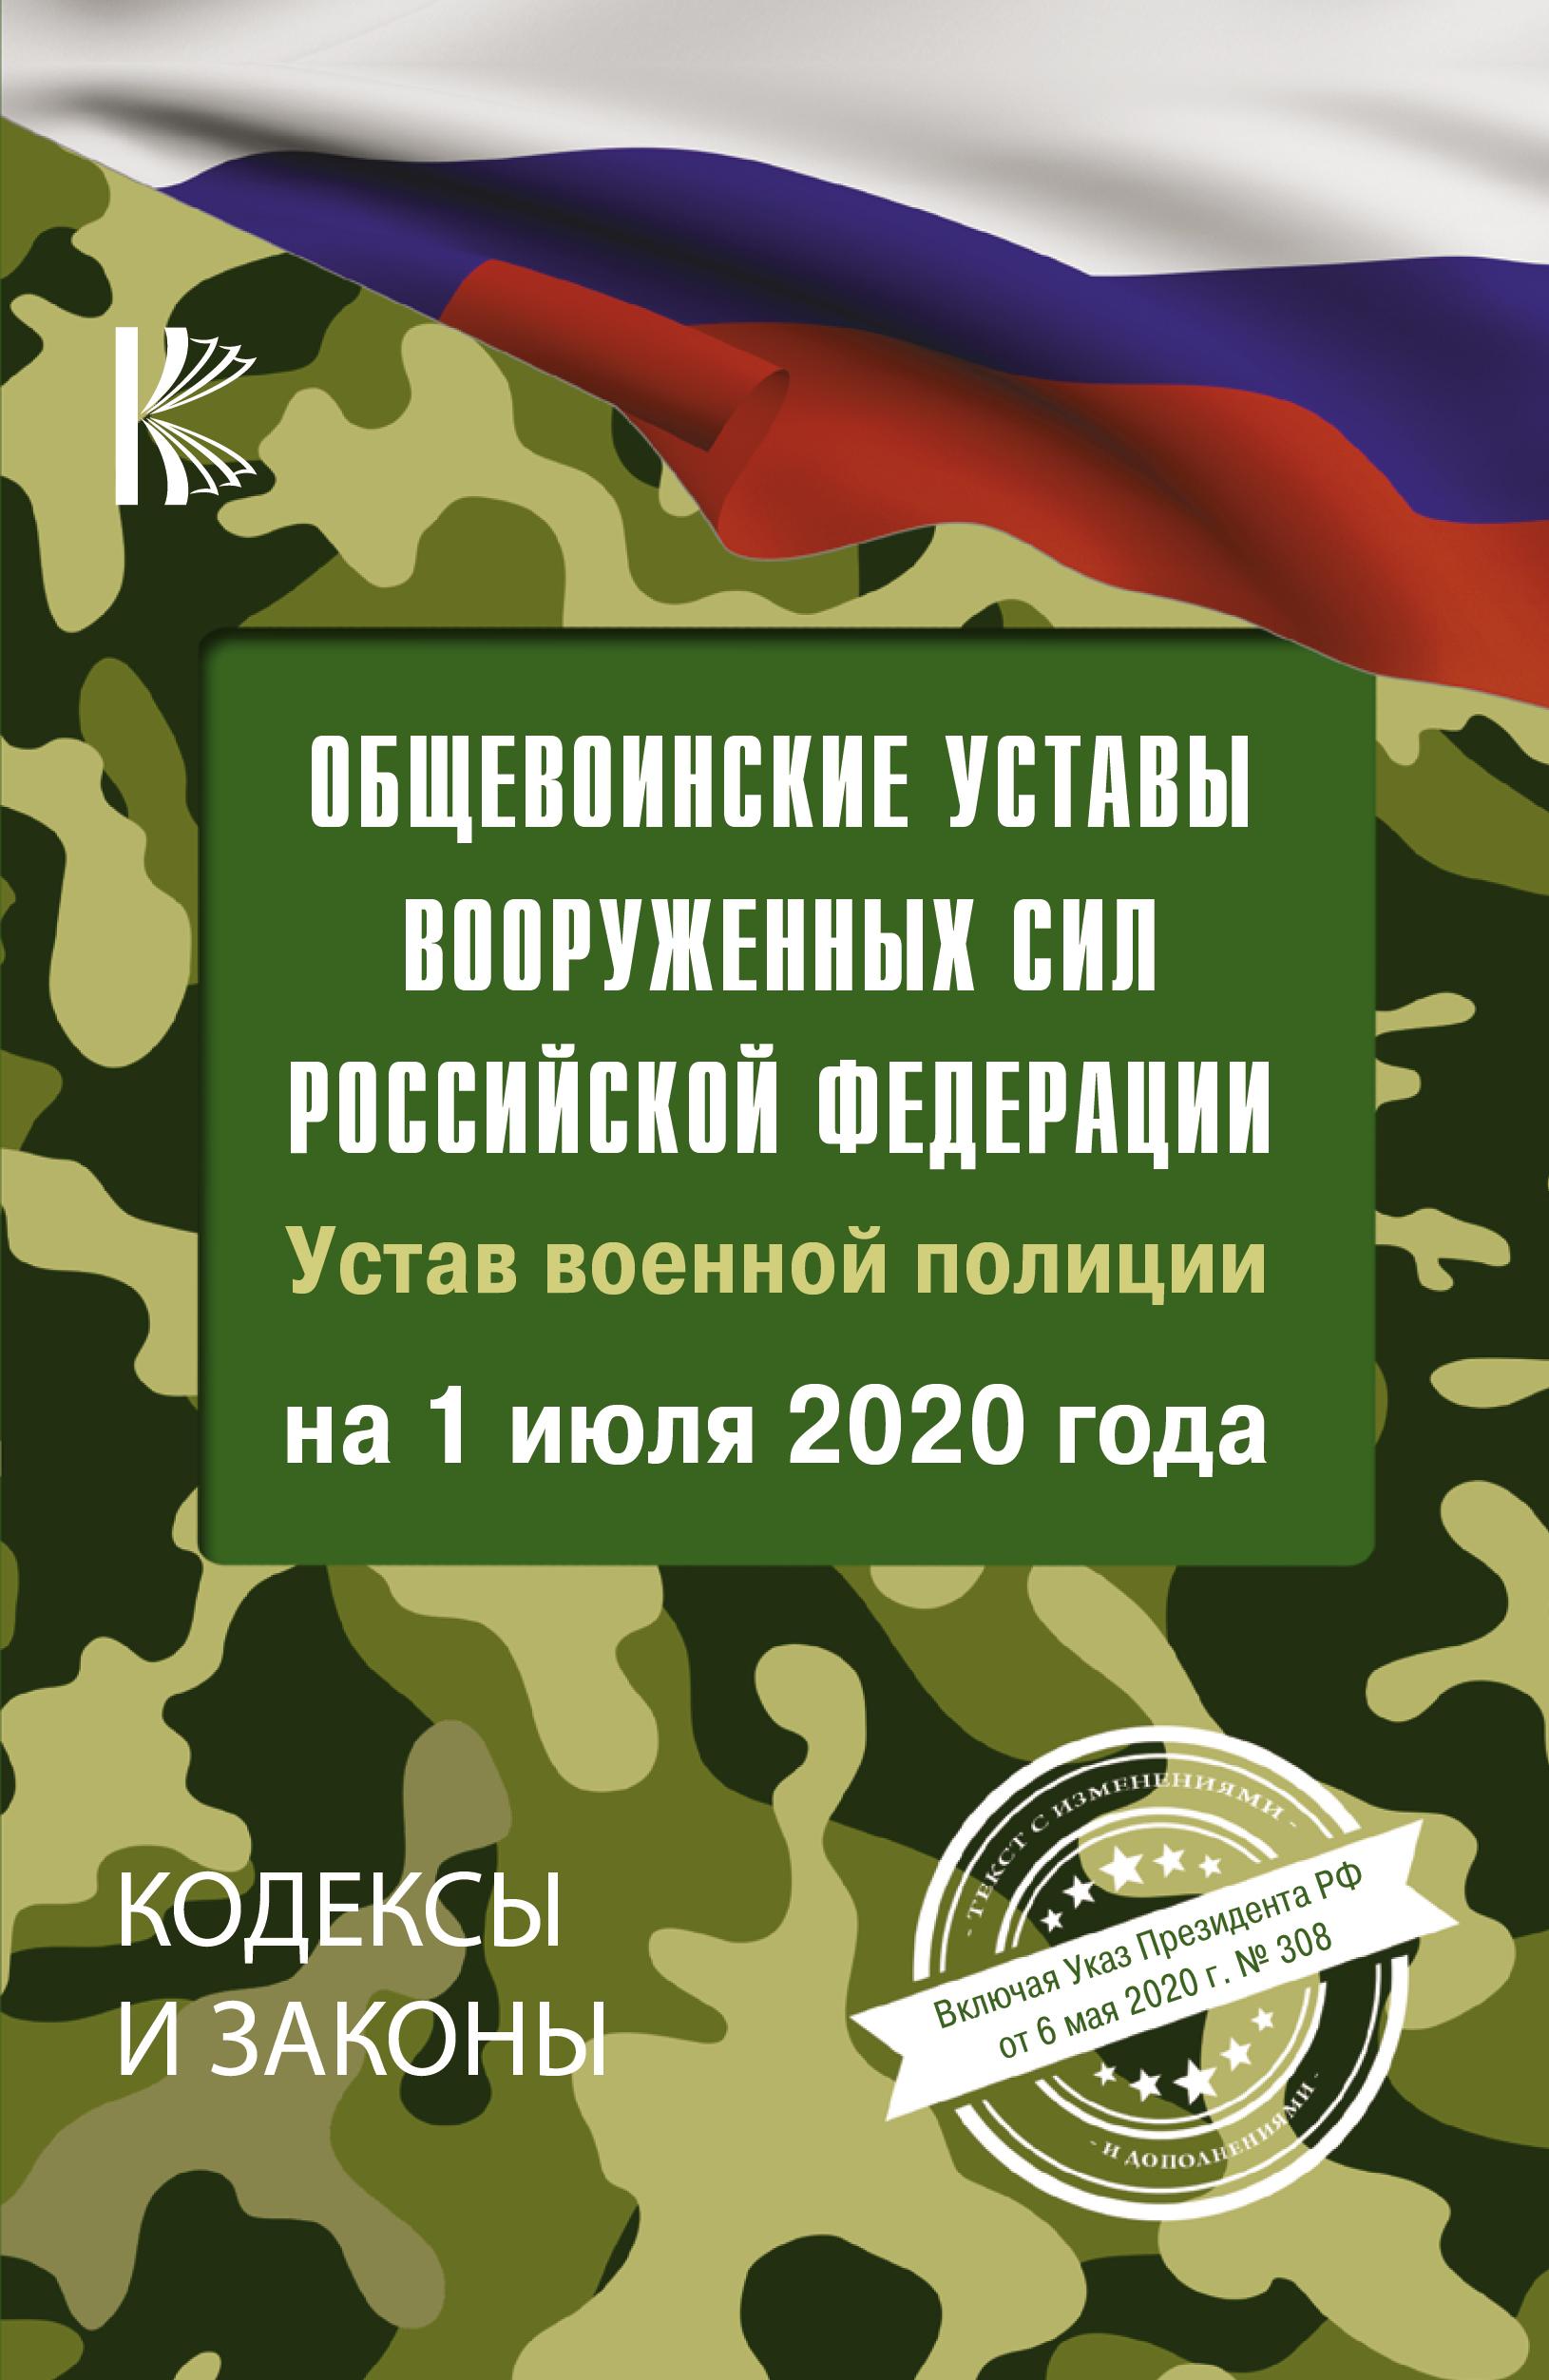 Obschevoinskie ustavy Vooruzhennykh Sil Rossijskoj Federatsii na 1 ijulja 2020 goda